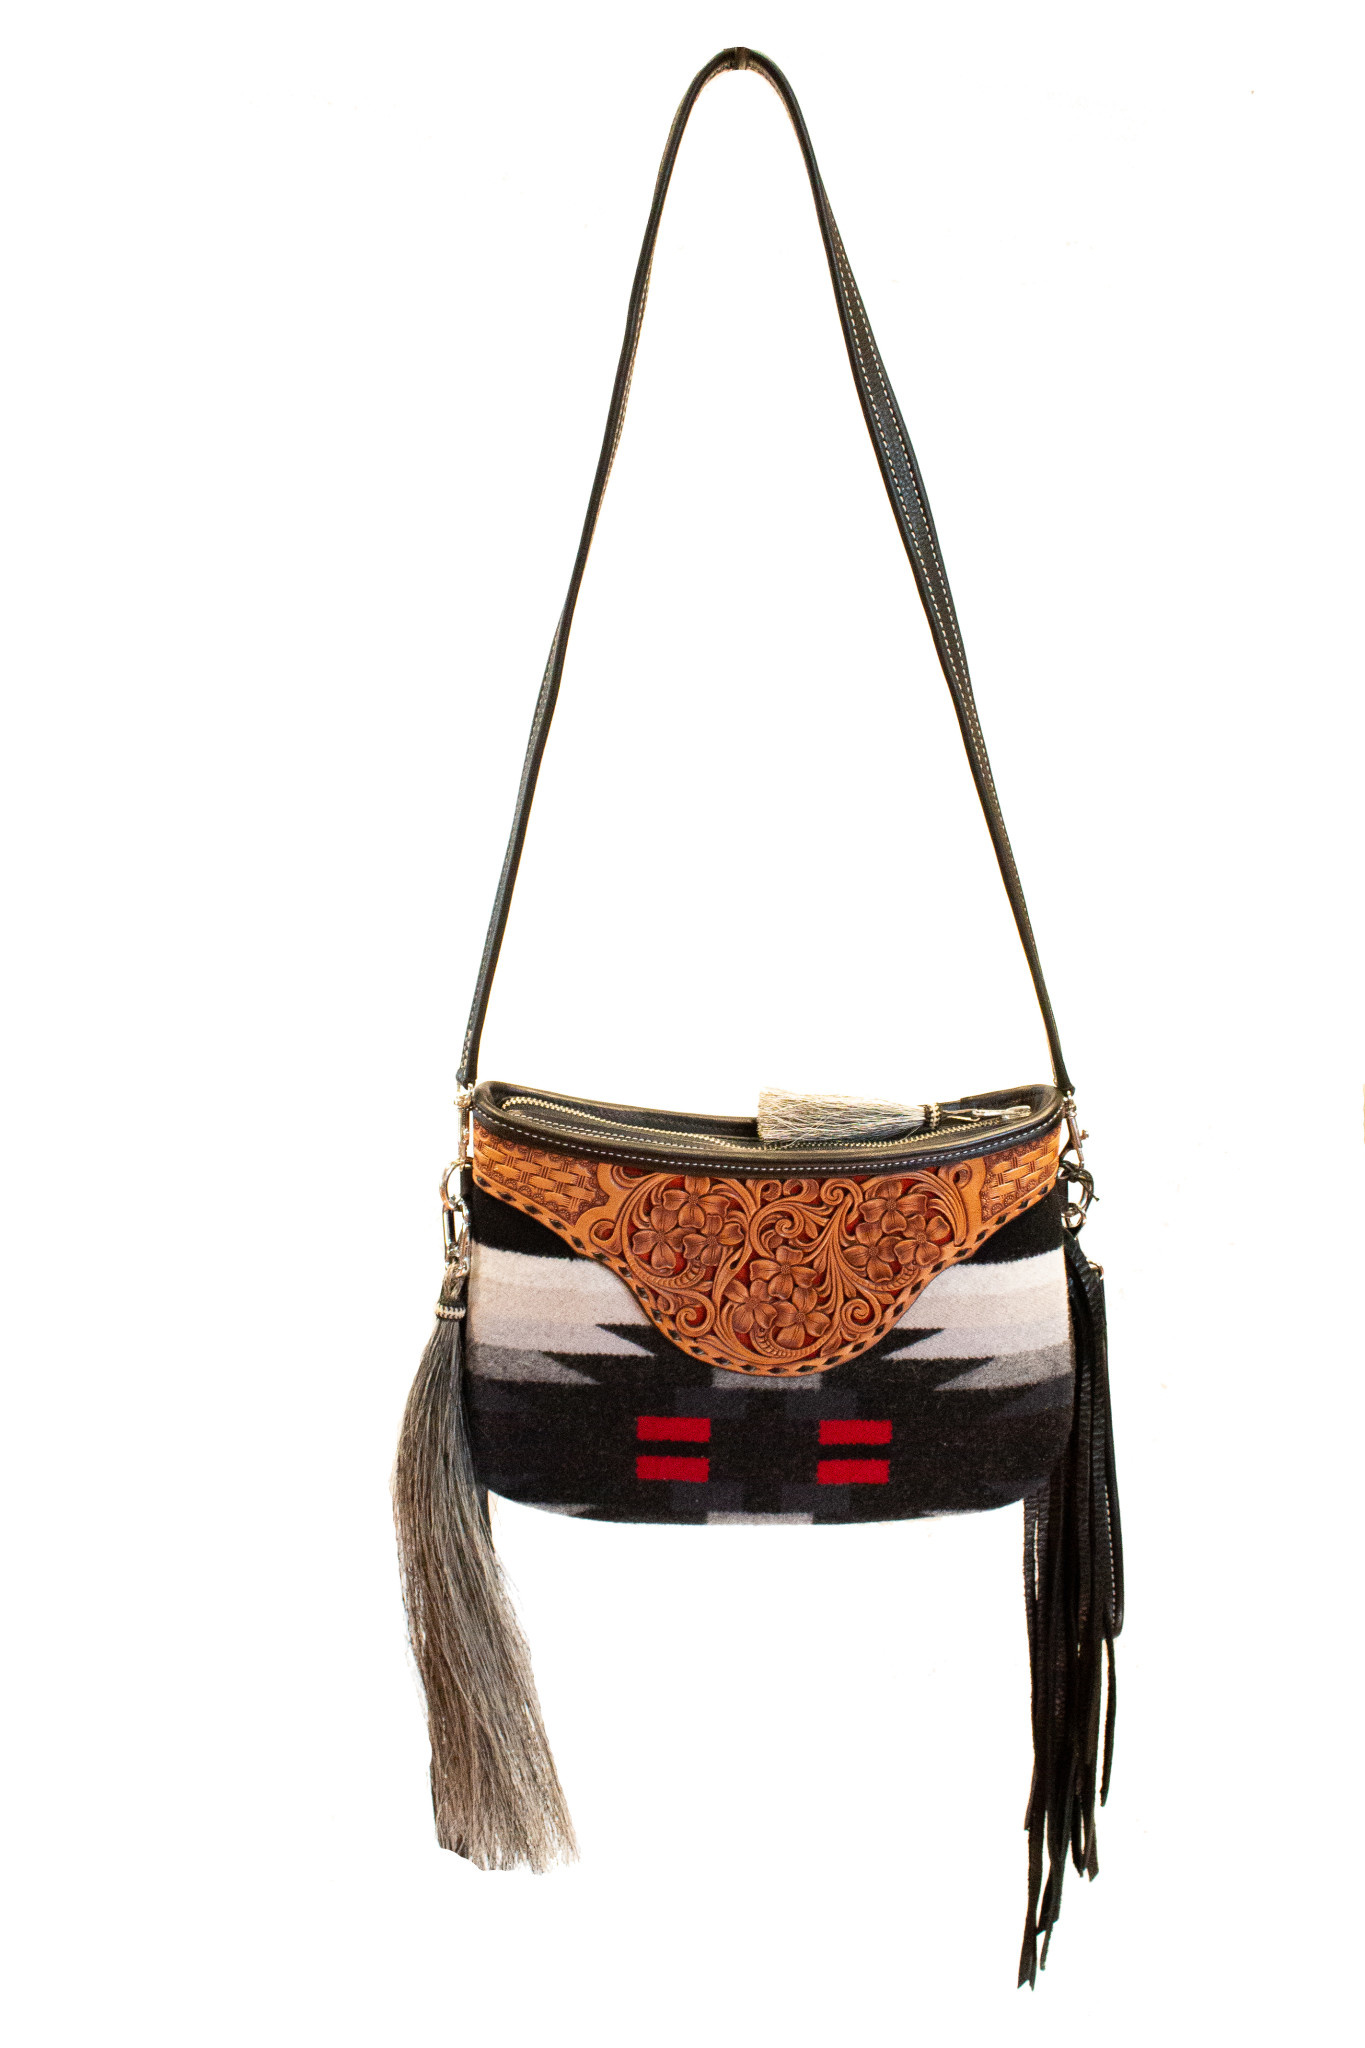 Boedeker Leather La Senorita Clutch with fringe and shoulder strap